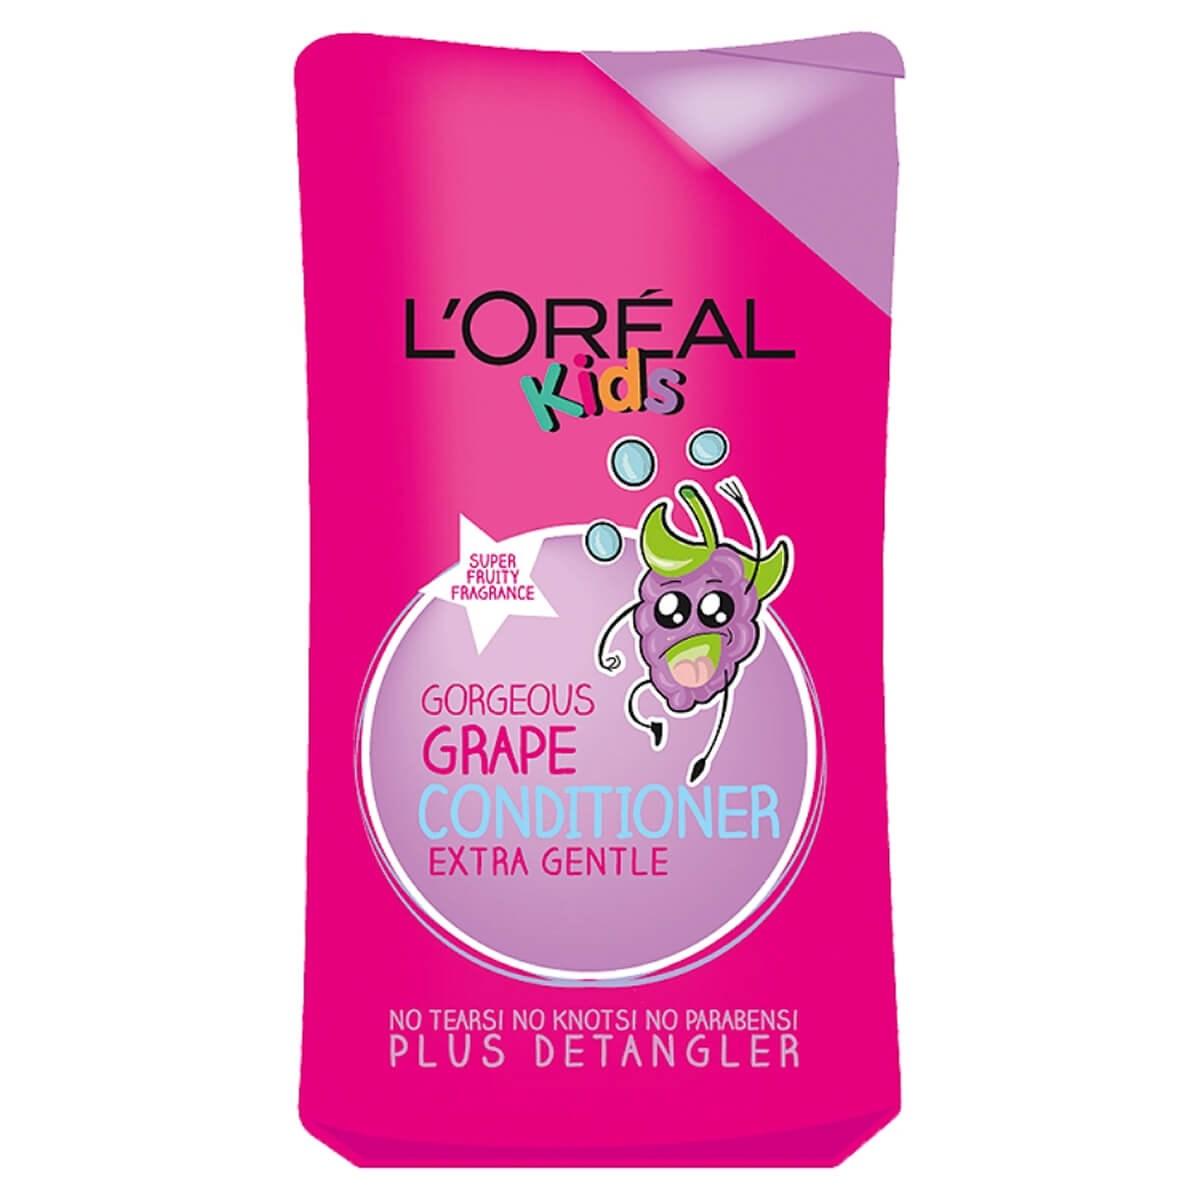 L'Oreal Paris Kids Gorgeous Grape Conditioner